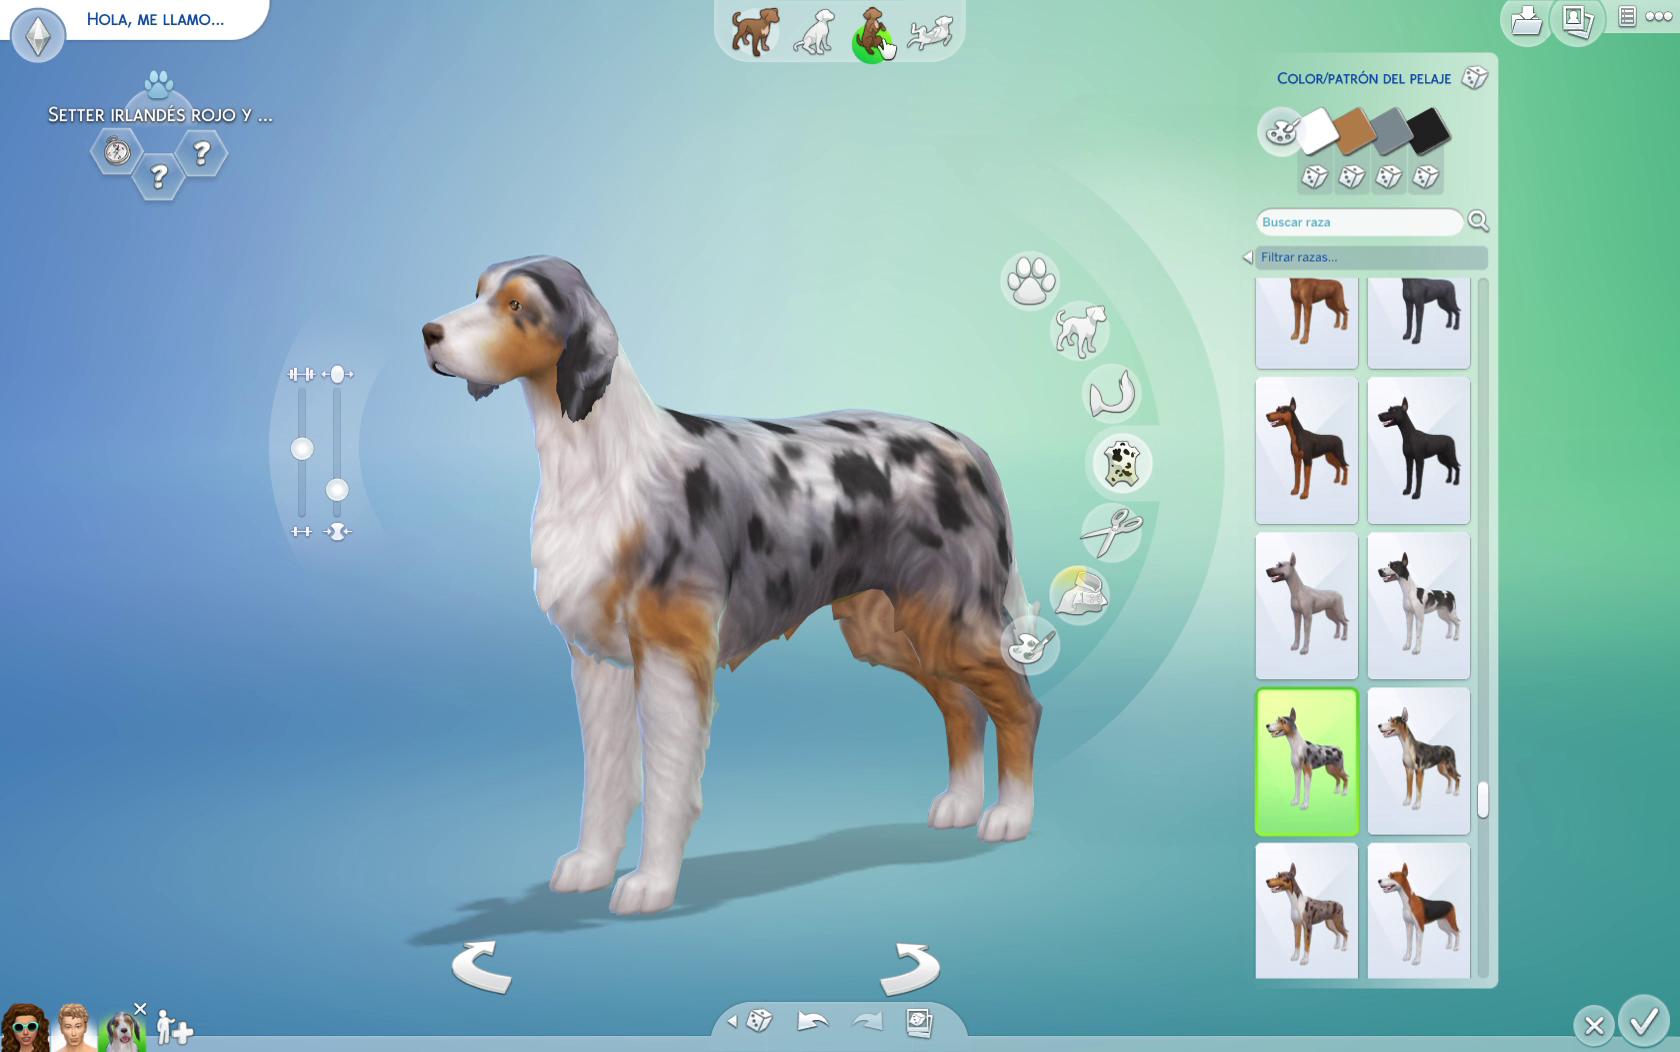 Los Sims 4: Perros y Gatos. ¡Familias de peludos! | Fantasía Gamer